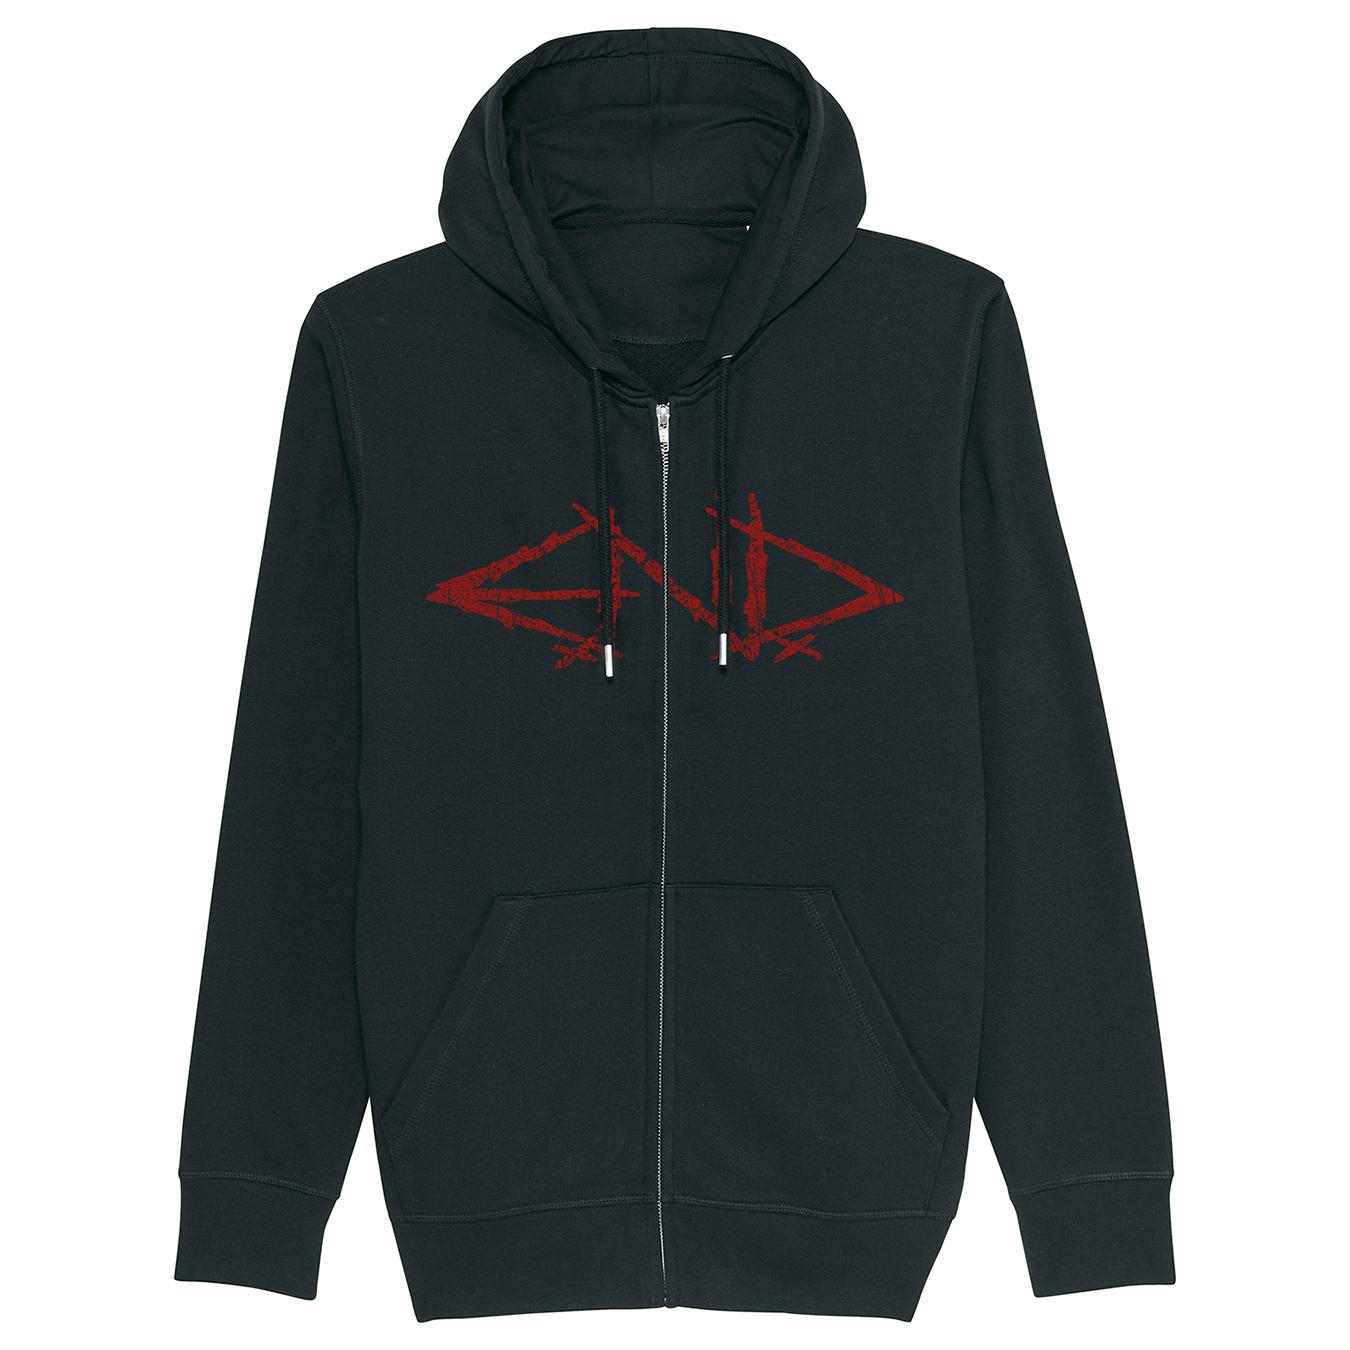 E.N.D. - A Grave Deceit + Big Logo - Zipped Hoodie